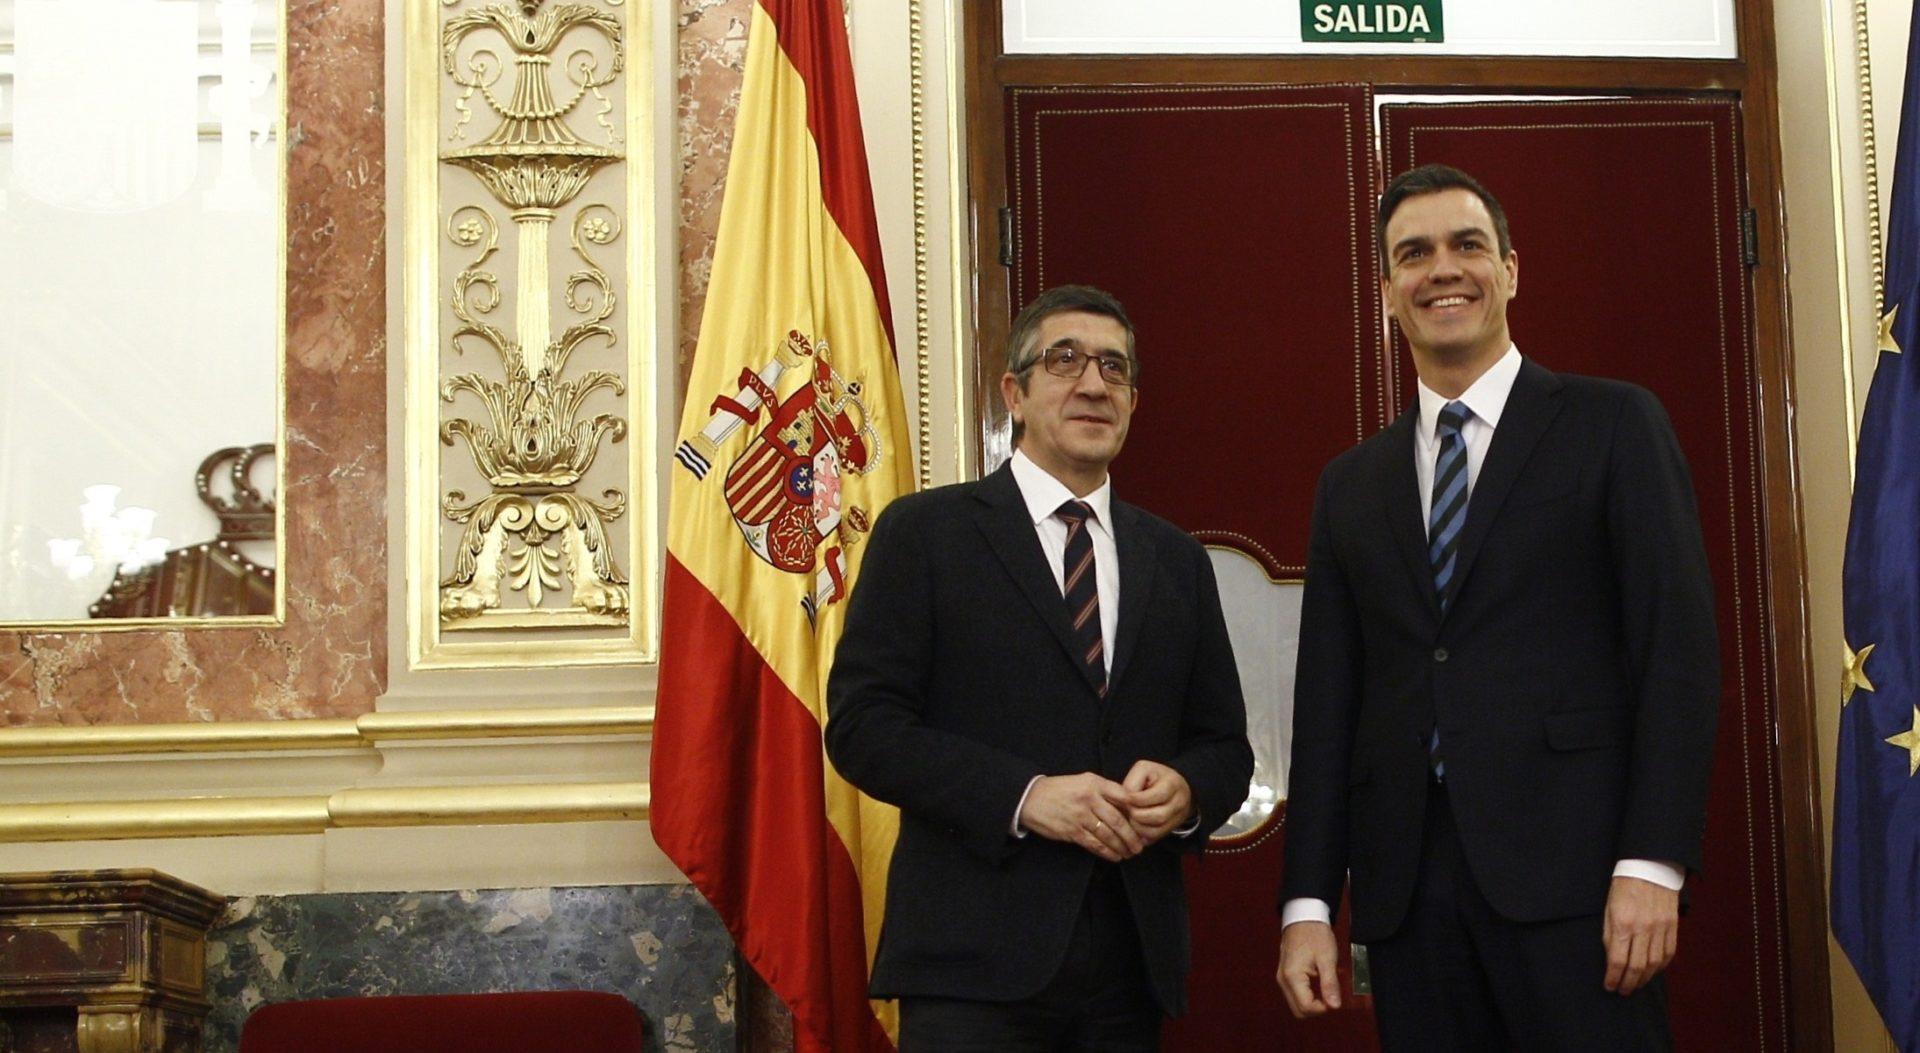 Patxi López, presidente del Congreso de los Diputados, recibe a Pedro Sánchez Fuente: Europa Press